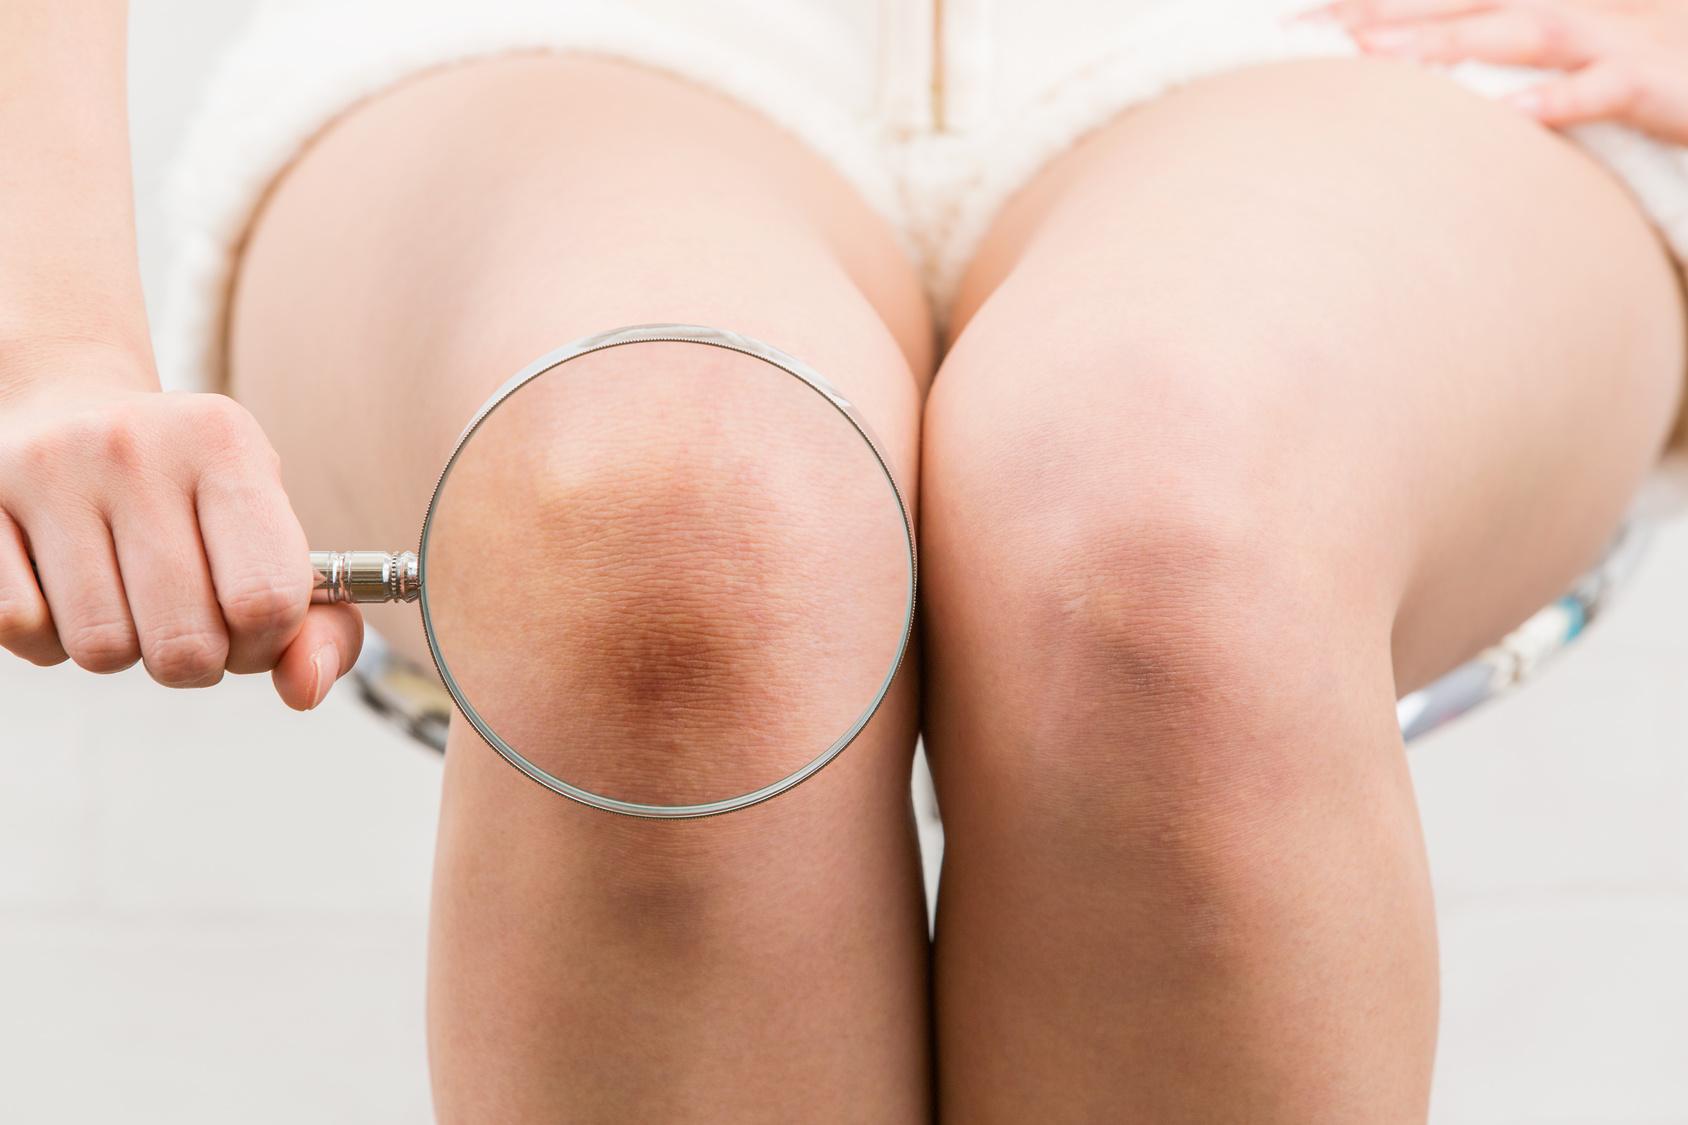 膝半月板損傷 整形外科